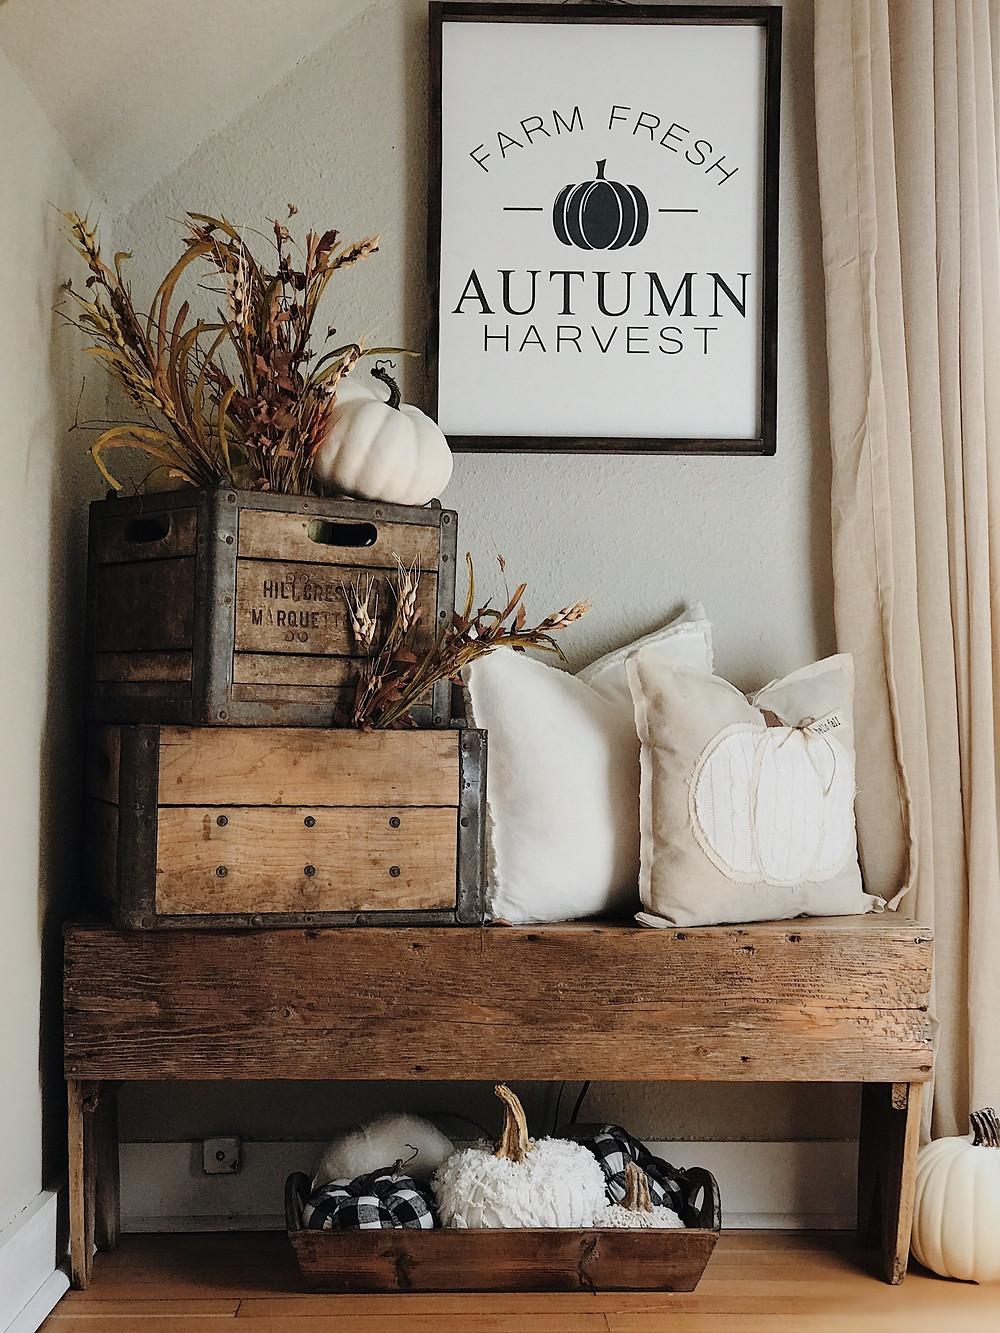 Cosy autumn vibe - Homefulness